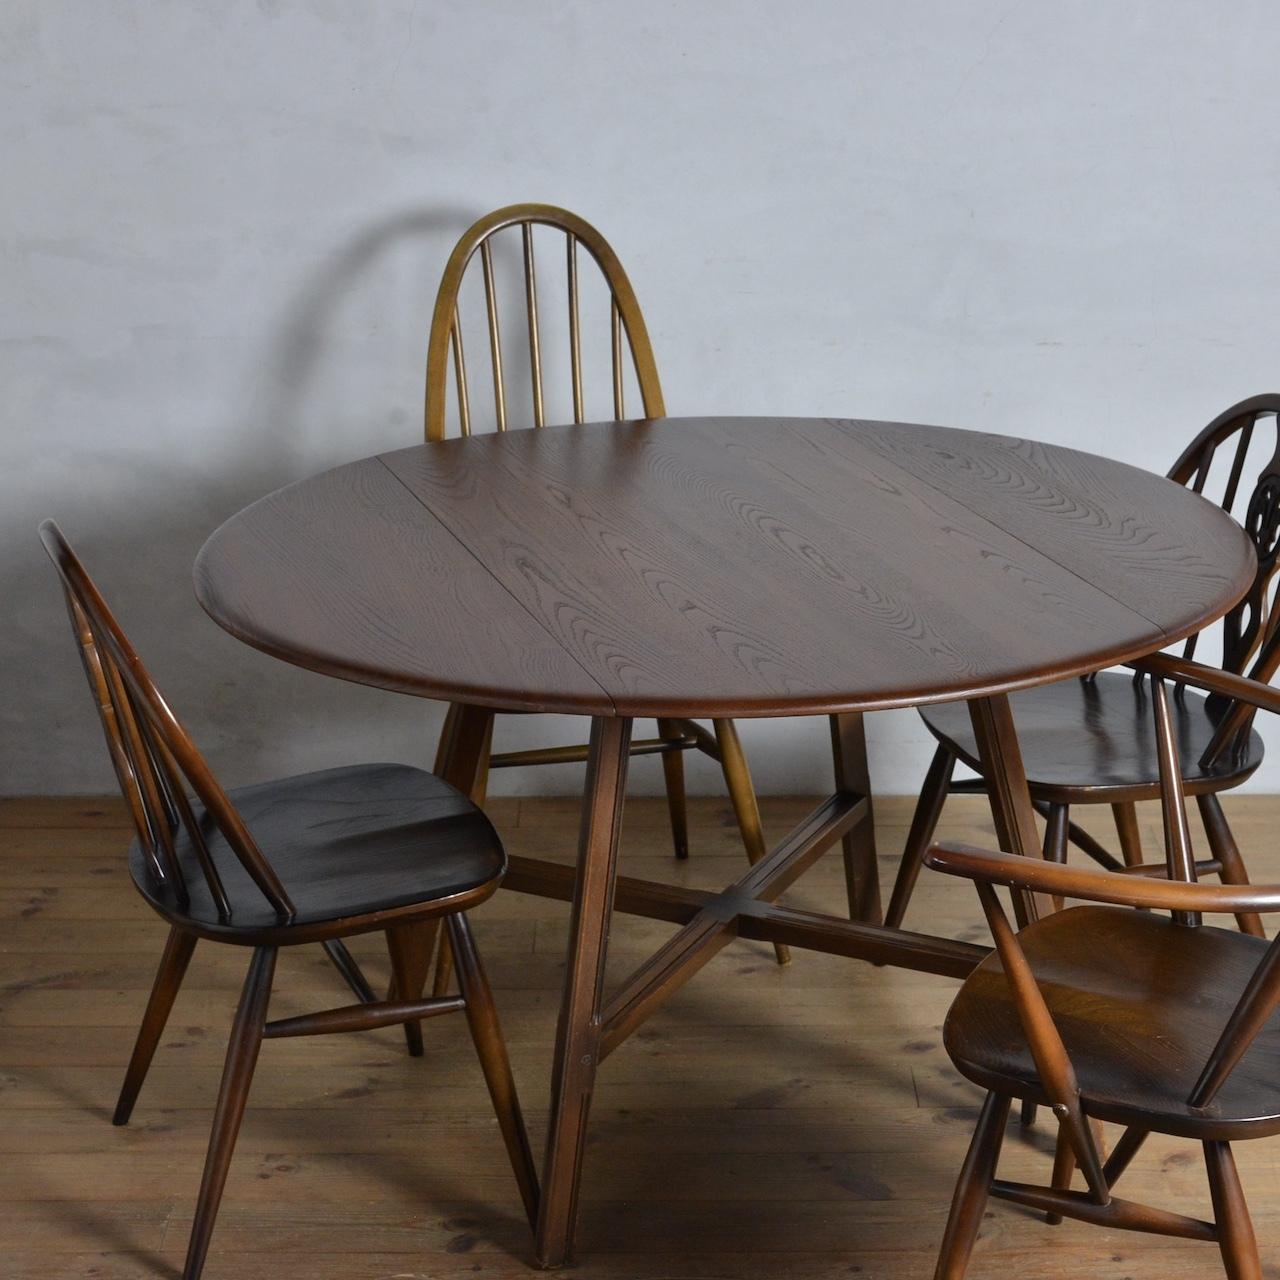 Ercol Oval Drop Leaf Table / アーコール ドロップ リーフ テーブル〈オールドコロニアル・ダイニングテーブル・エクステンションテーブル伸張式・円卓・北欧〉 112169